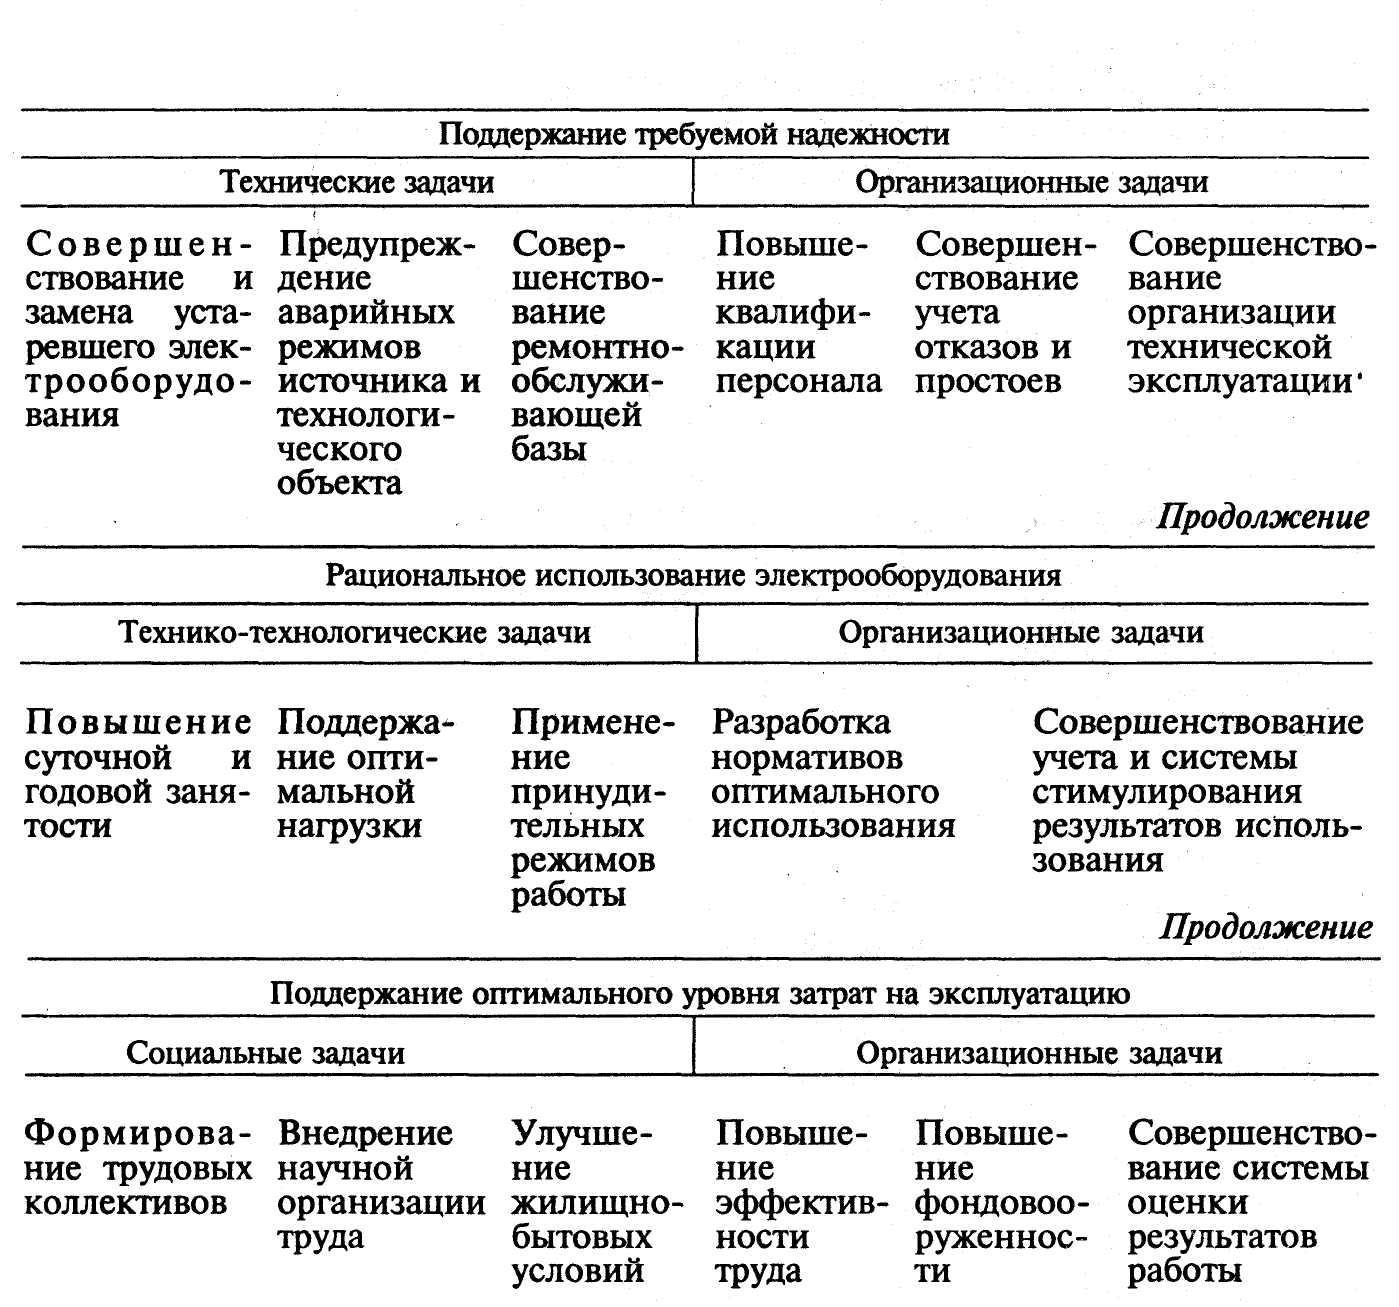 Задачи с решением по надежности технических систем модели для решения управленческих задач